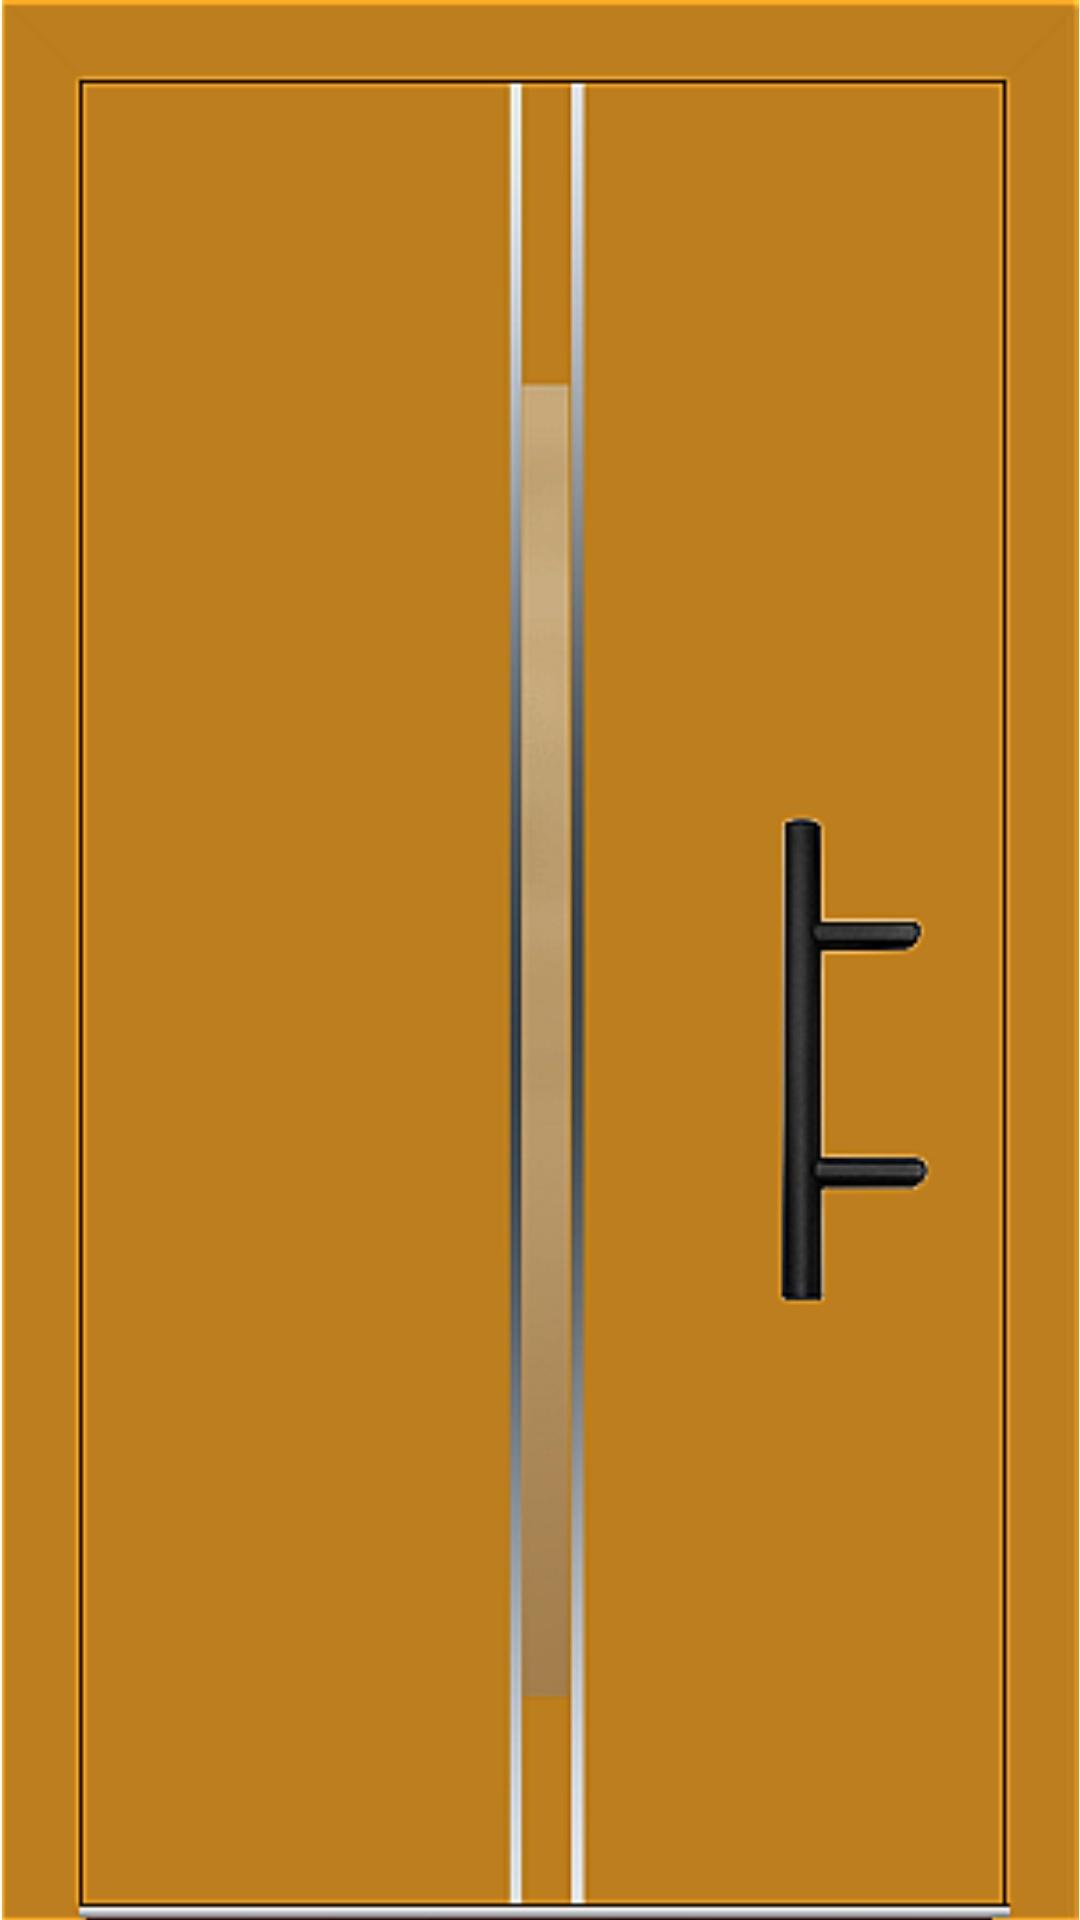 Holz-Alu Haustür Modell 66864 honiggelb